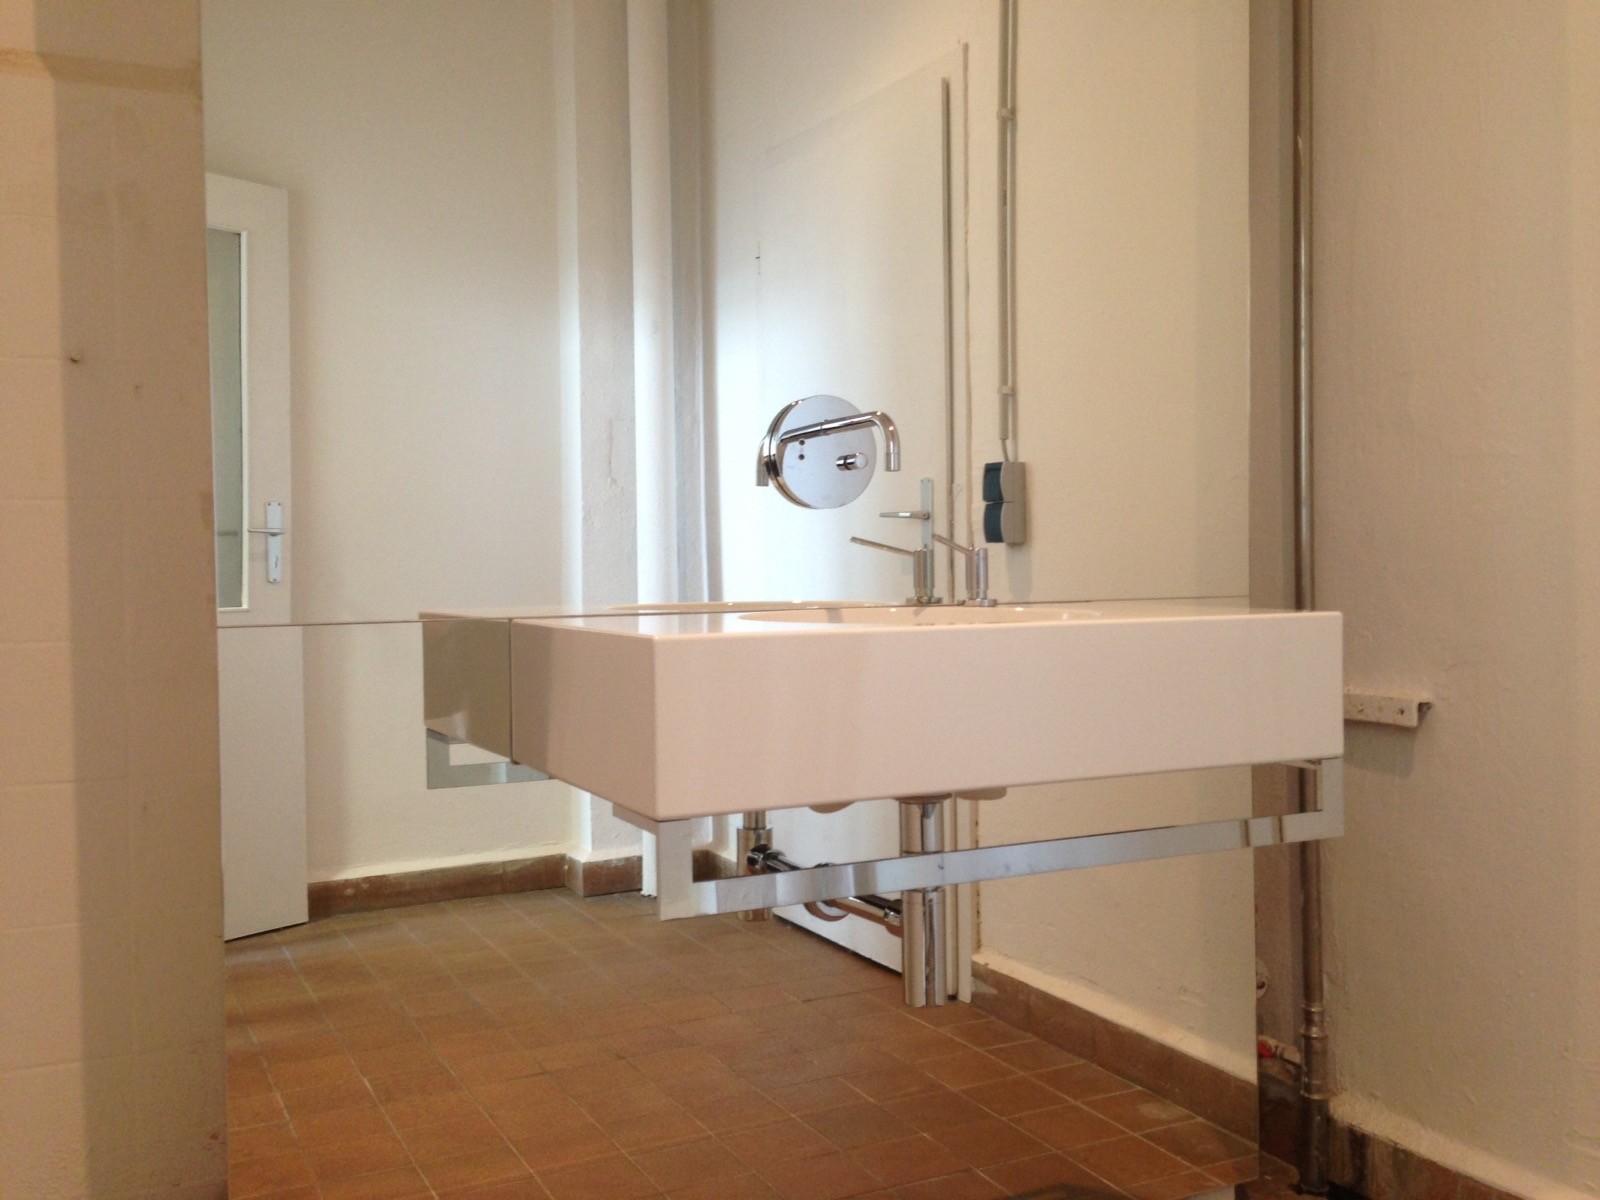 Waschtischlösung im Kombinat in Erfurt